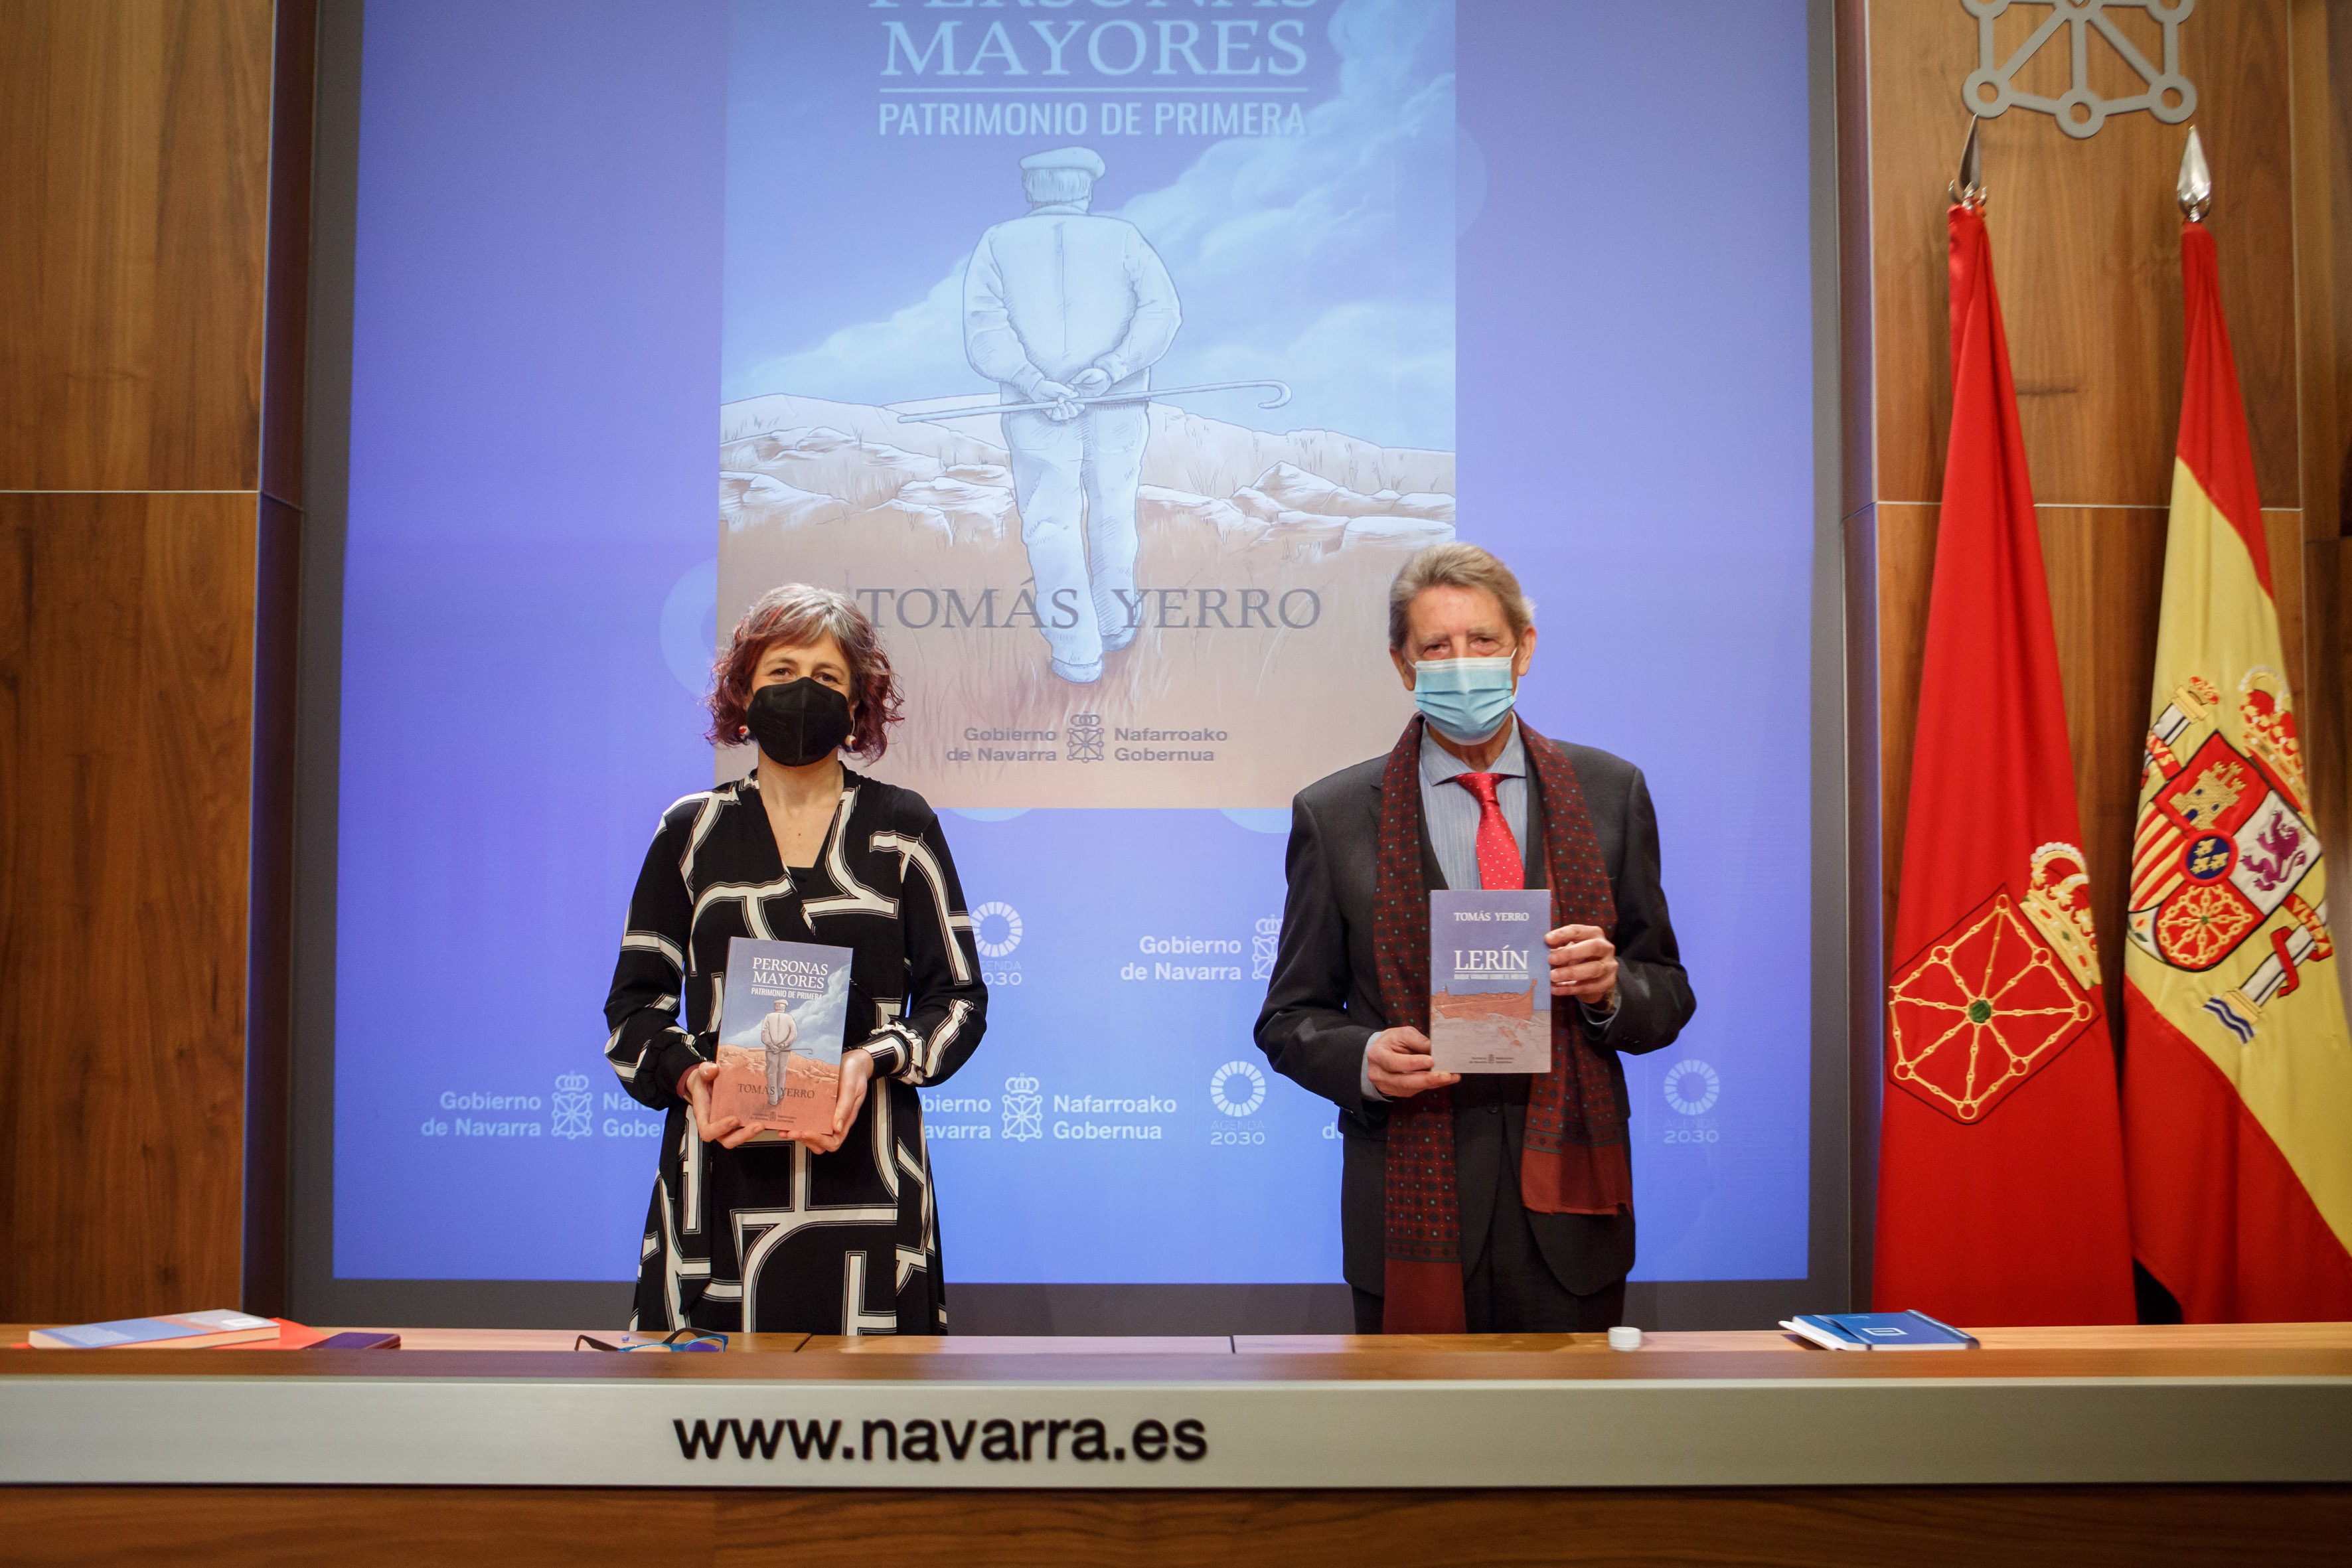 La consejera, Rebeca Esnaola, y el escritor, Tomás Yerro, con las publicaciones de este último.